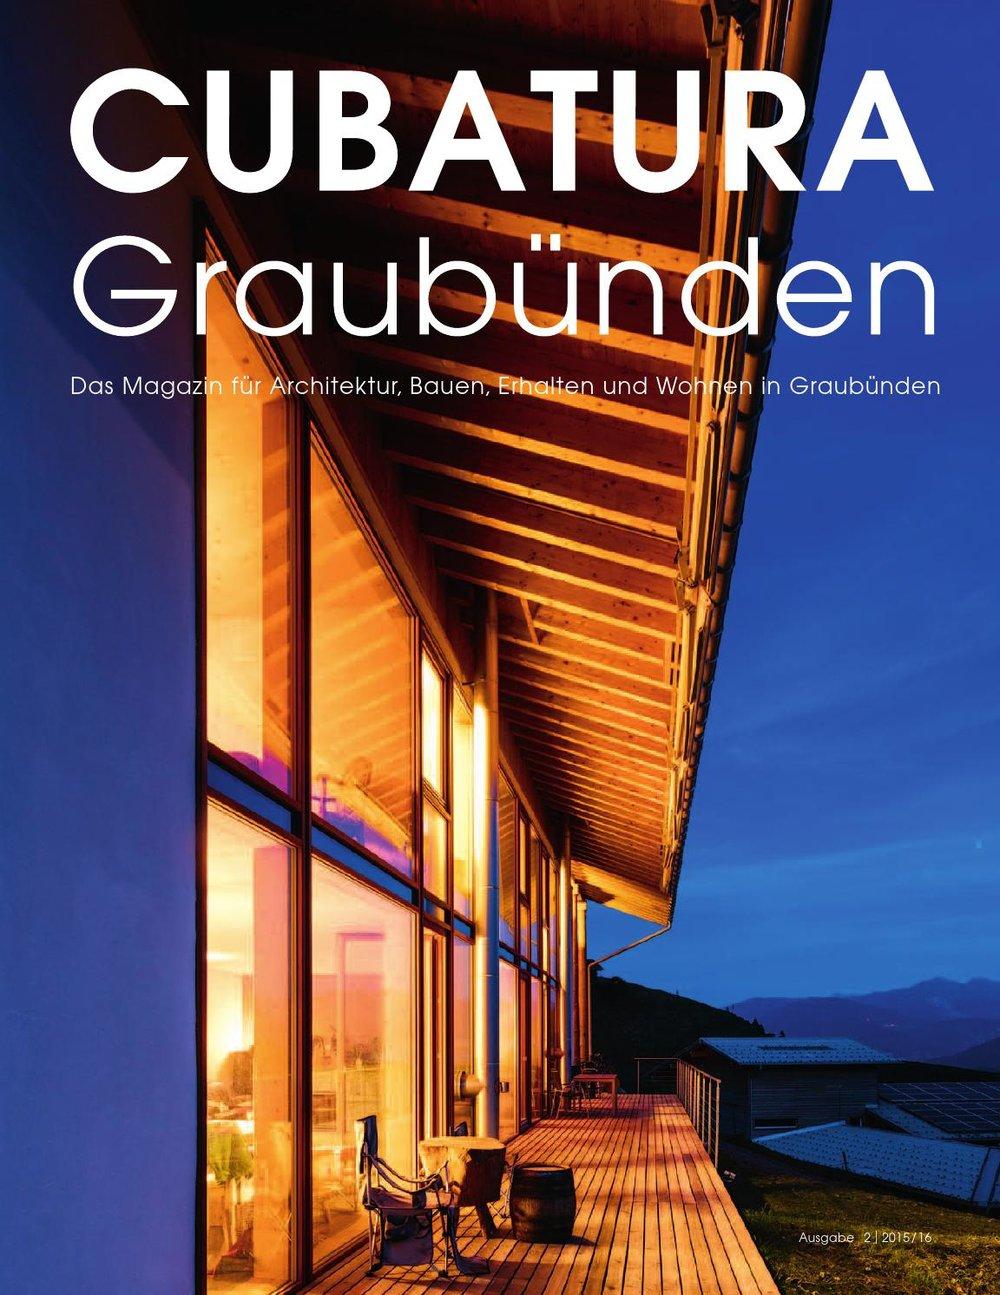 Cubatura - Das Magazins für Architektur, Bauen und Wohnen in Graubünden mit 2 Ausgaben pro Jahr